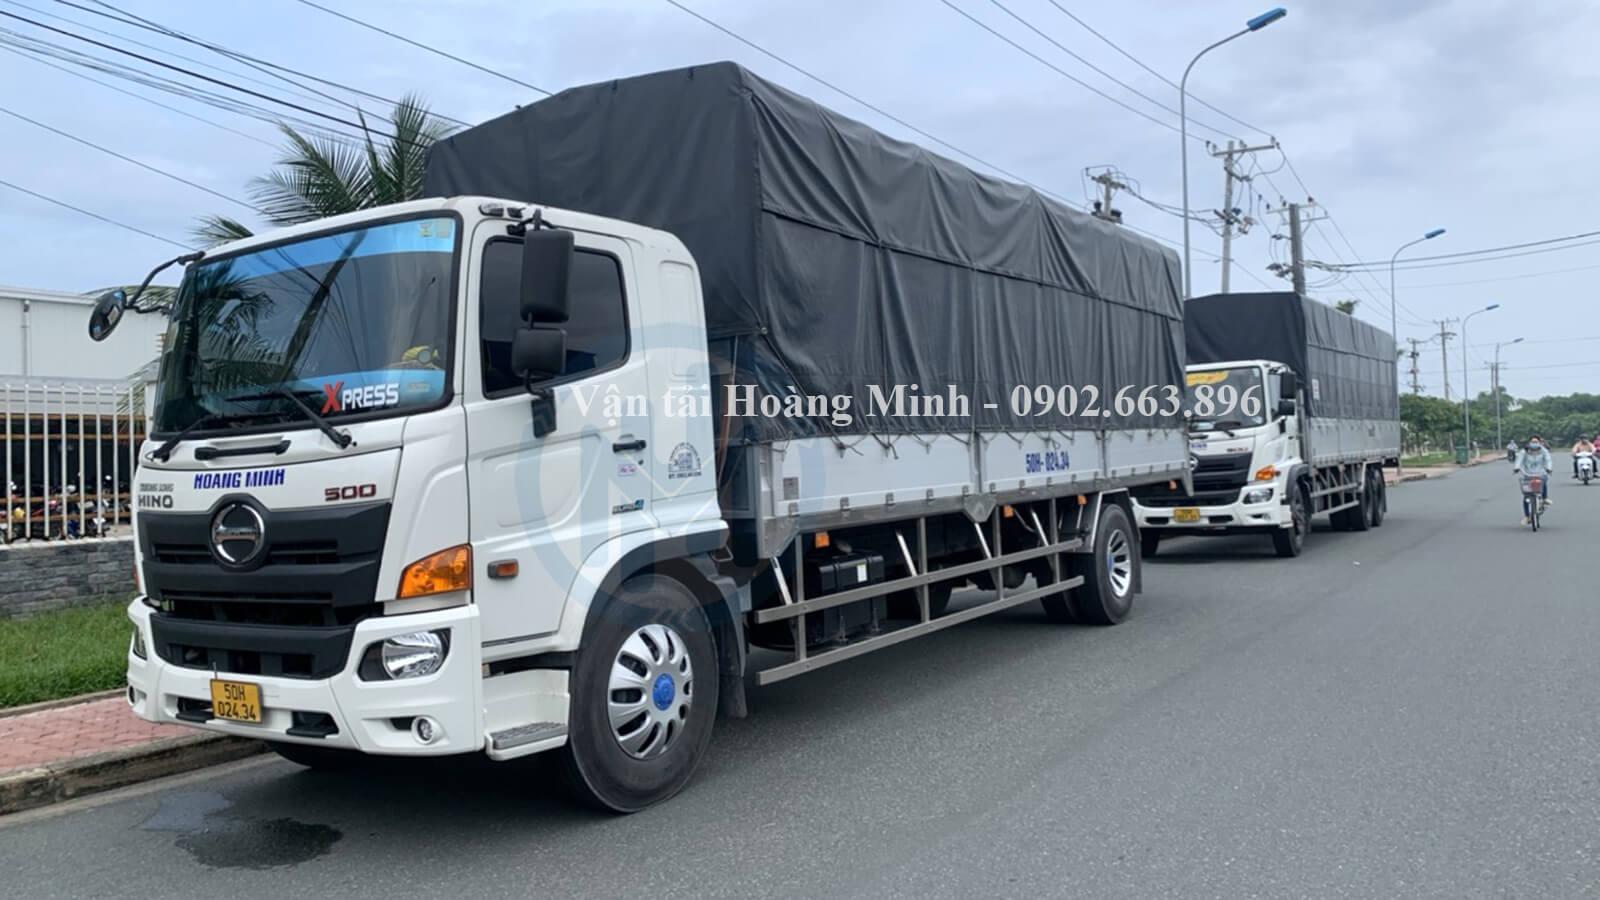 ngành vận tải hàng hoá đường bộ hiện nay